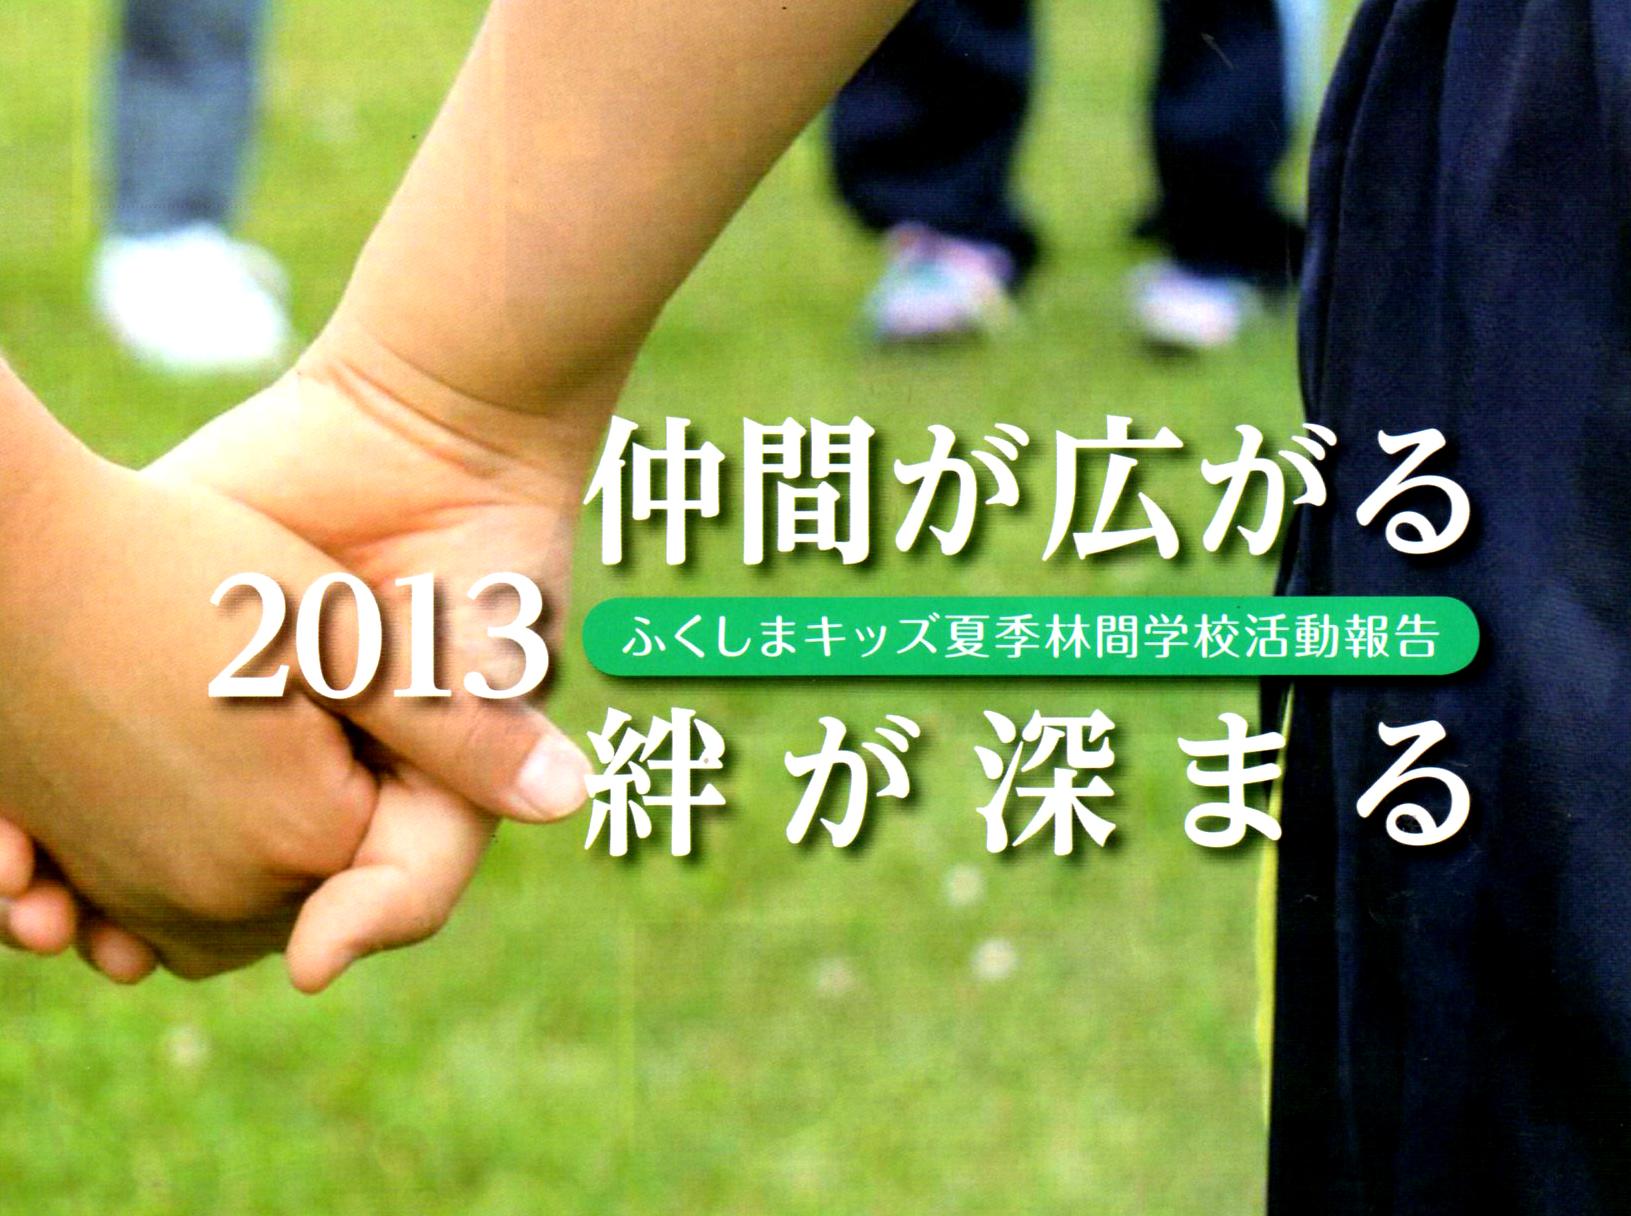 市民が力を合わせ、将来の福島を担う若者を育成する!-2013年度ふくしまキッズ夏季林間学校活動報告会